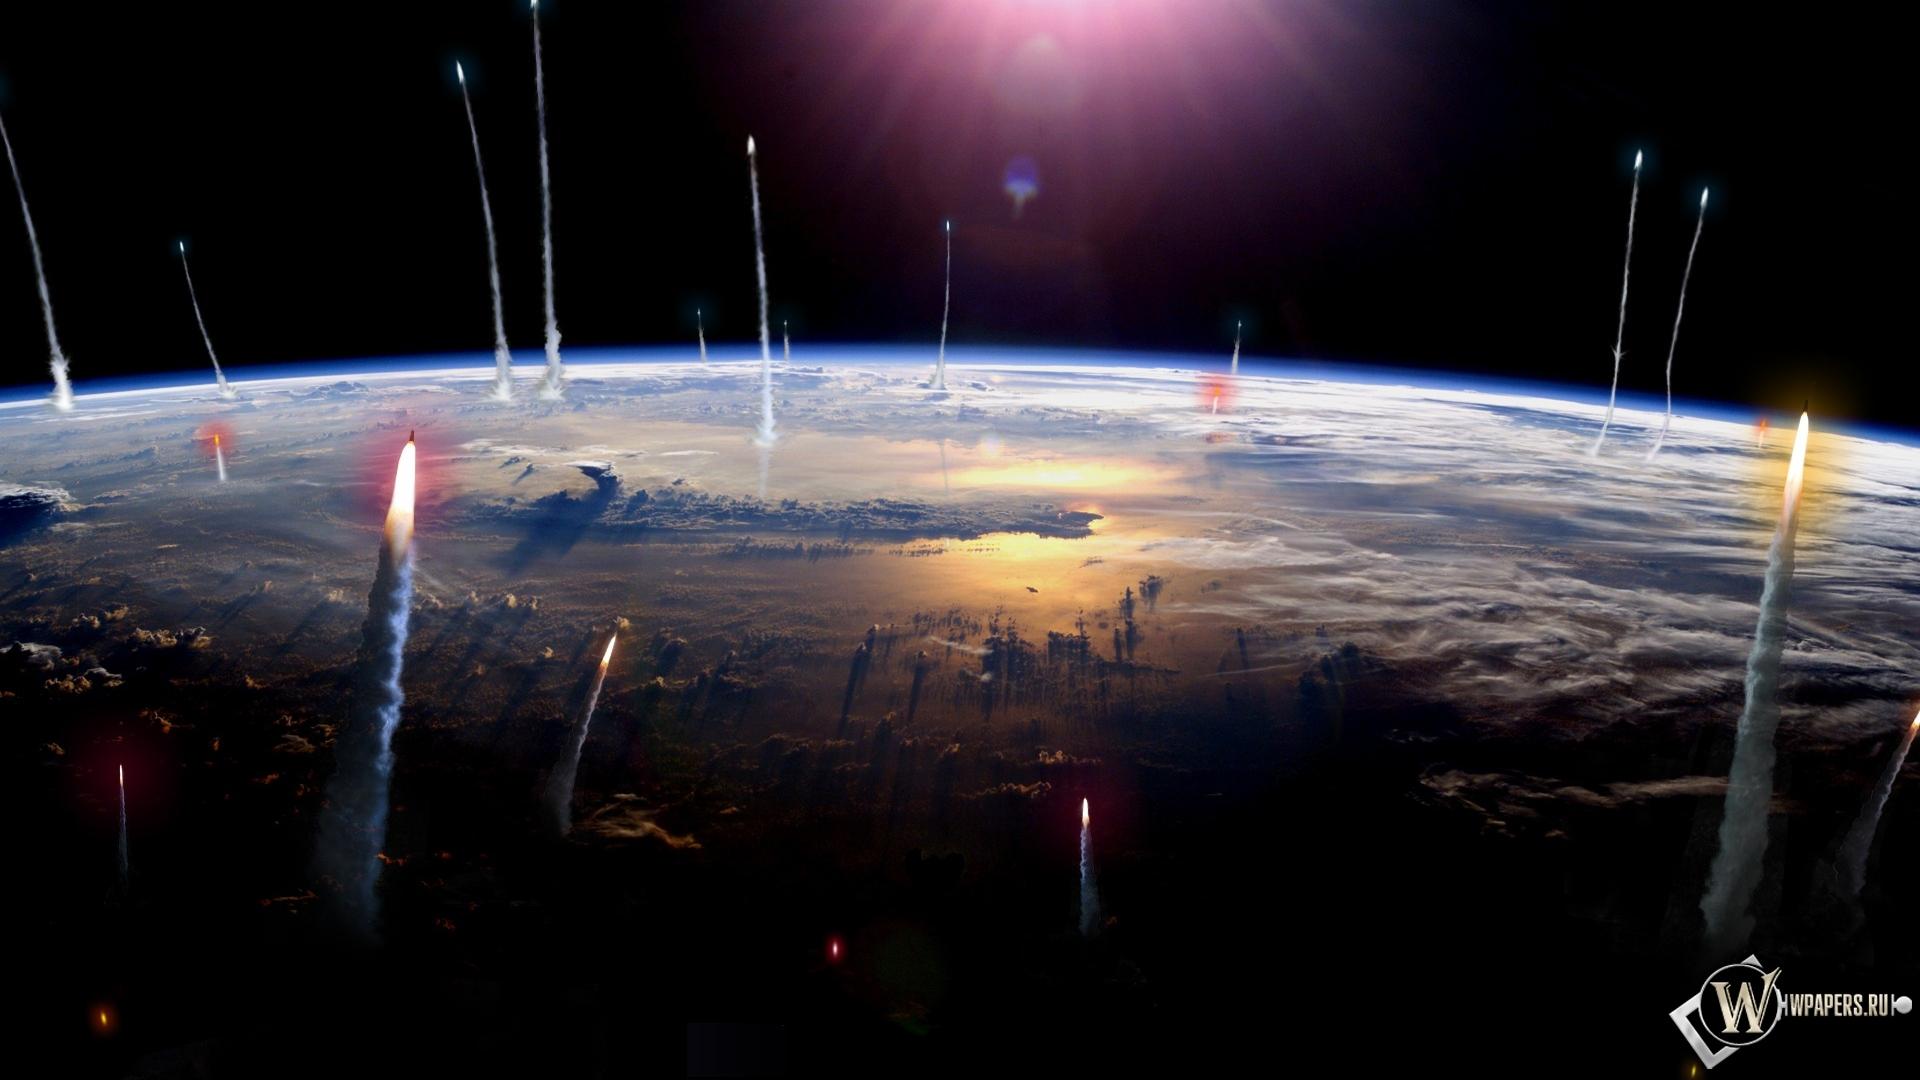 Обои вид земли из космоса на рабочий